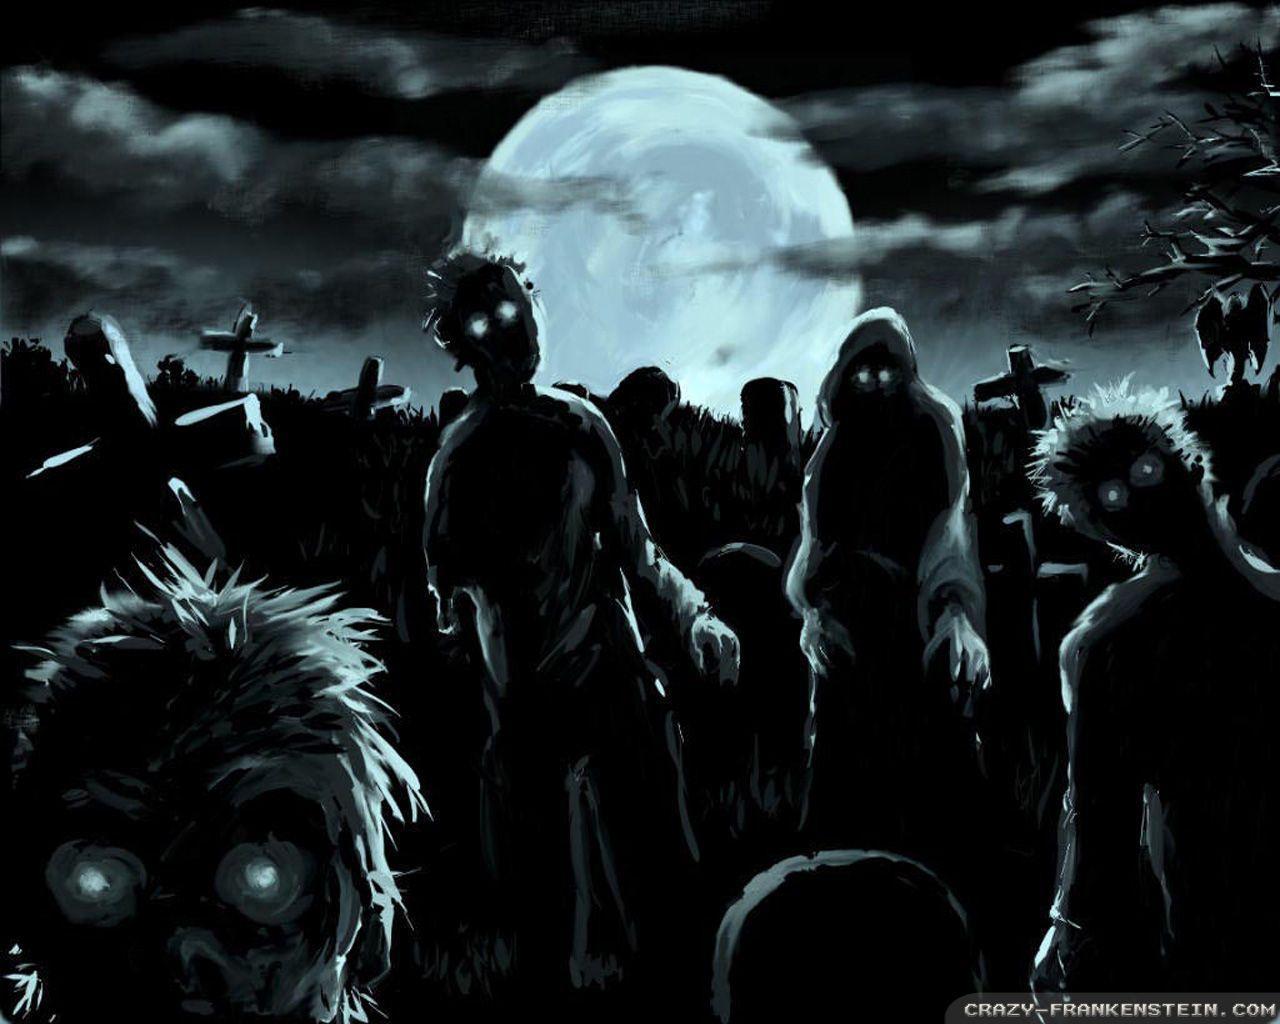 Zombie Halloween Wallpapers Top Free Zombie Halloween